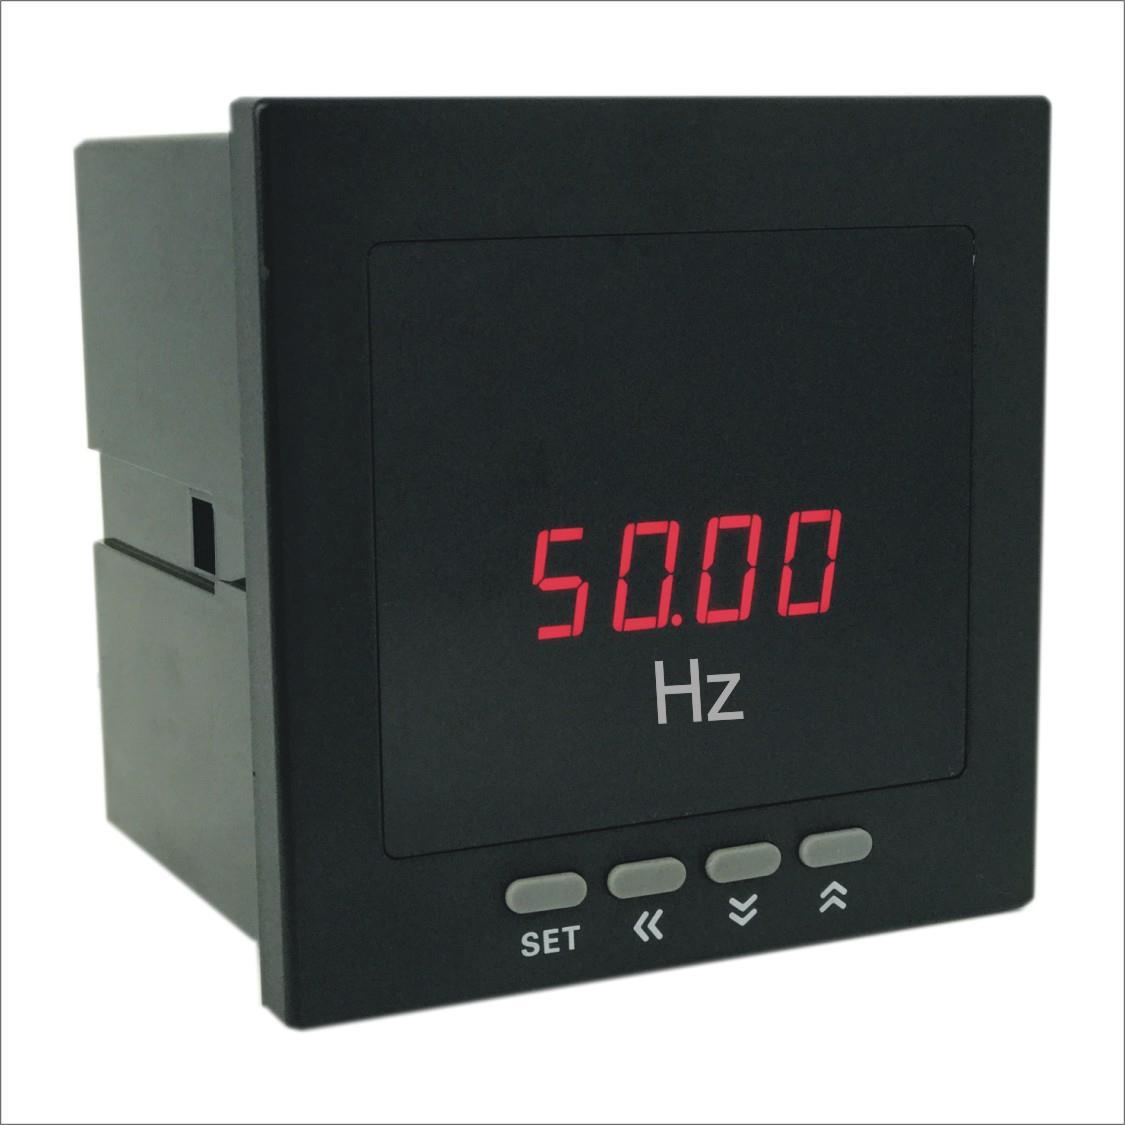 奥宾AOB184F-3X1数字频率表现货销售 测量精确适用成套柜